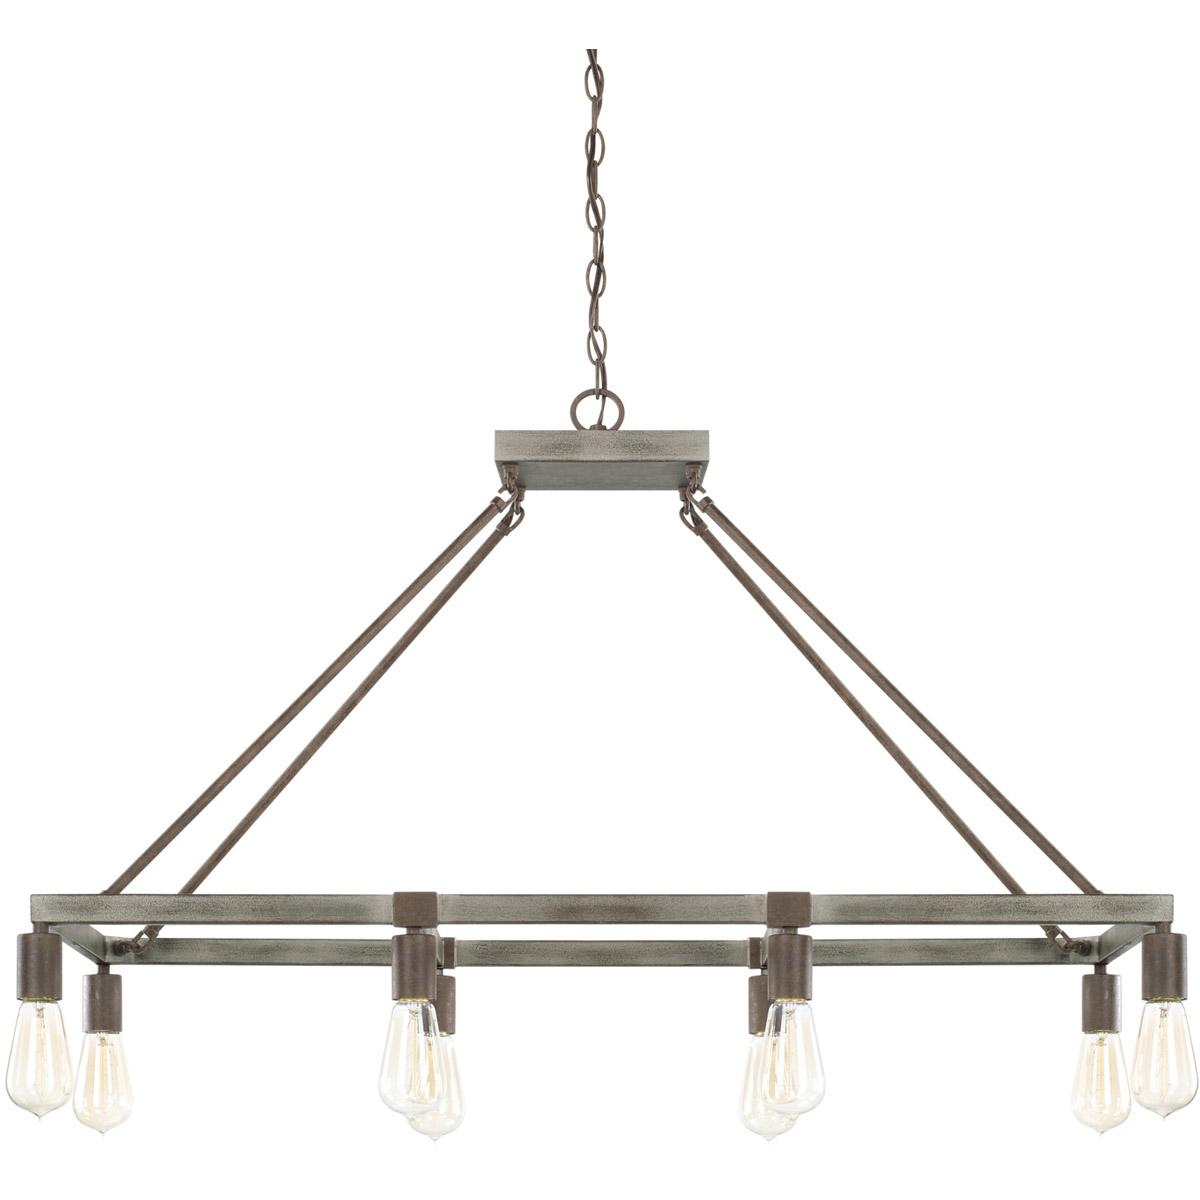 Capital lighting fixtures 825981ug zac island light urban grey